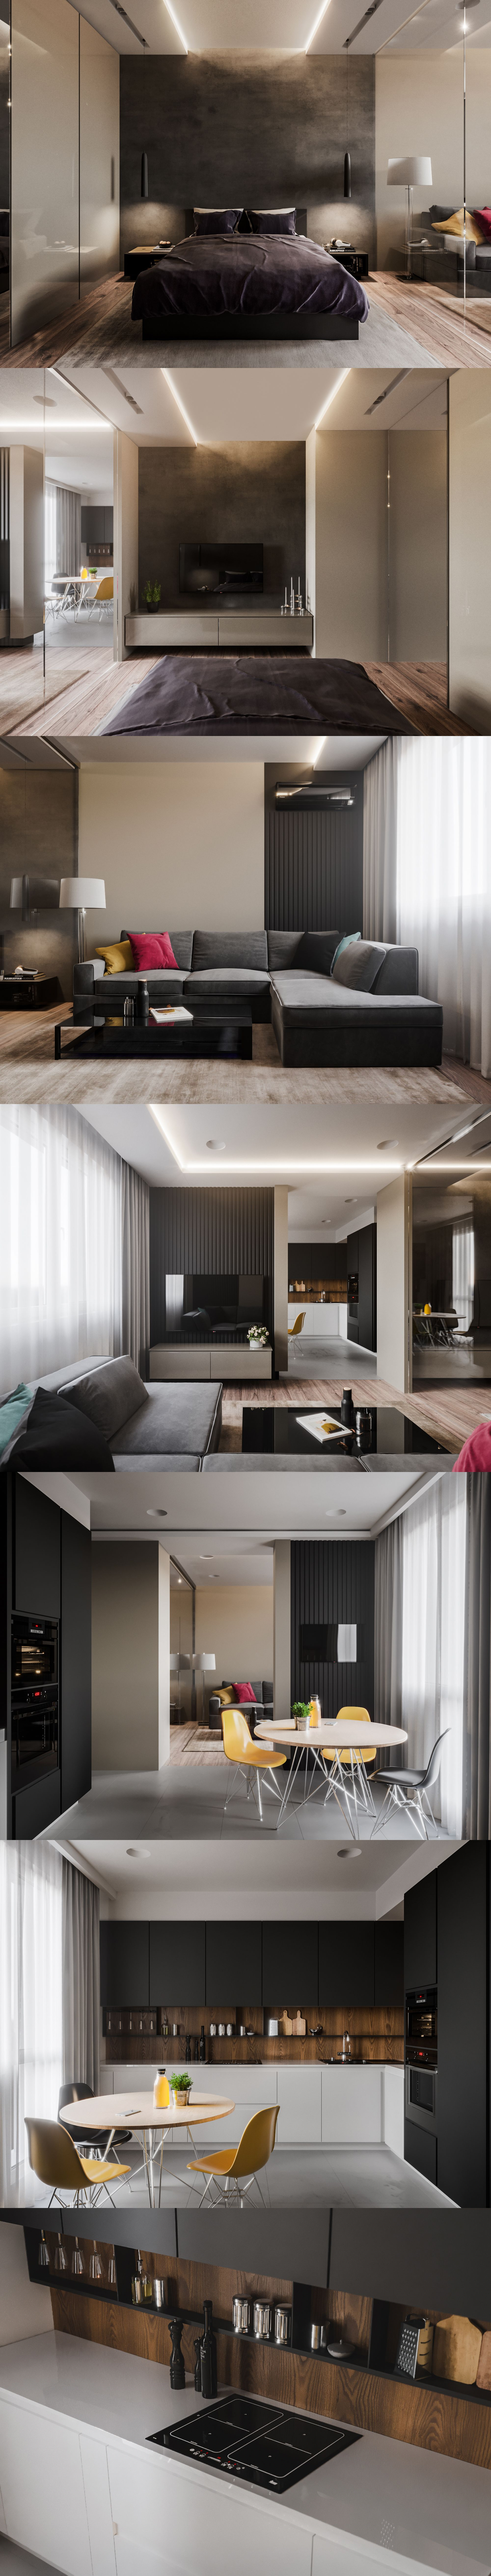 Interior design-ideen wohnzimmer mit tv pin by trend ideen on wohnzimmer ideen  pinterest  corona cinema